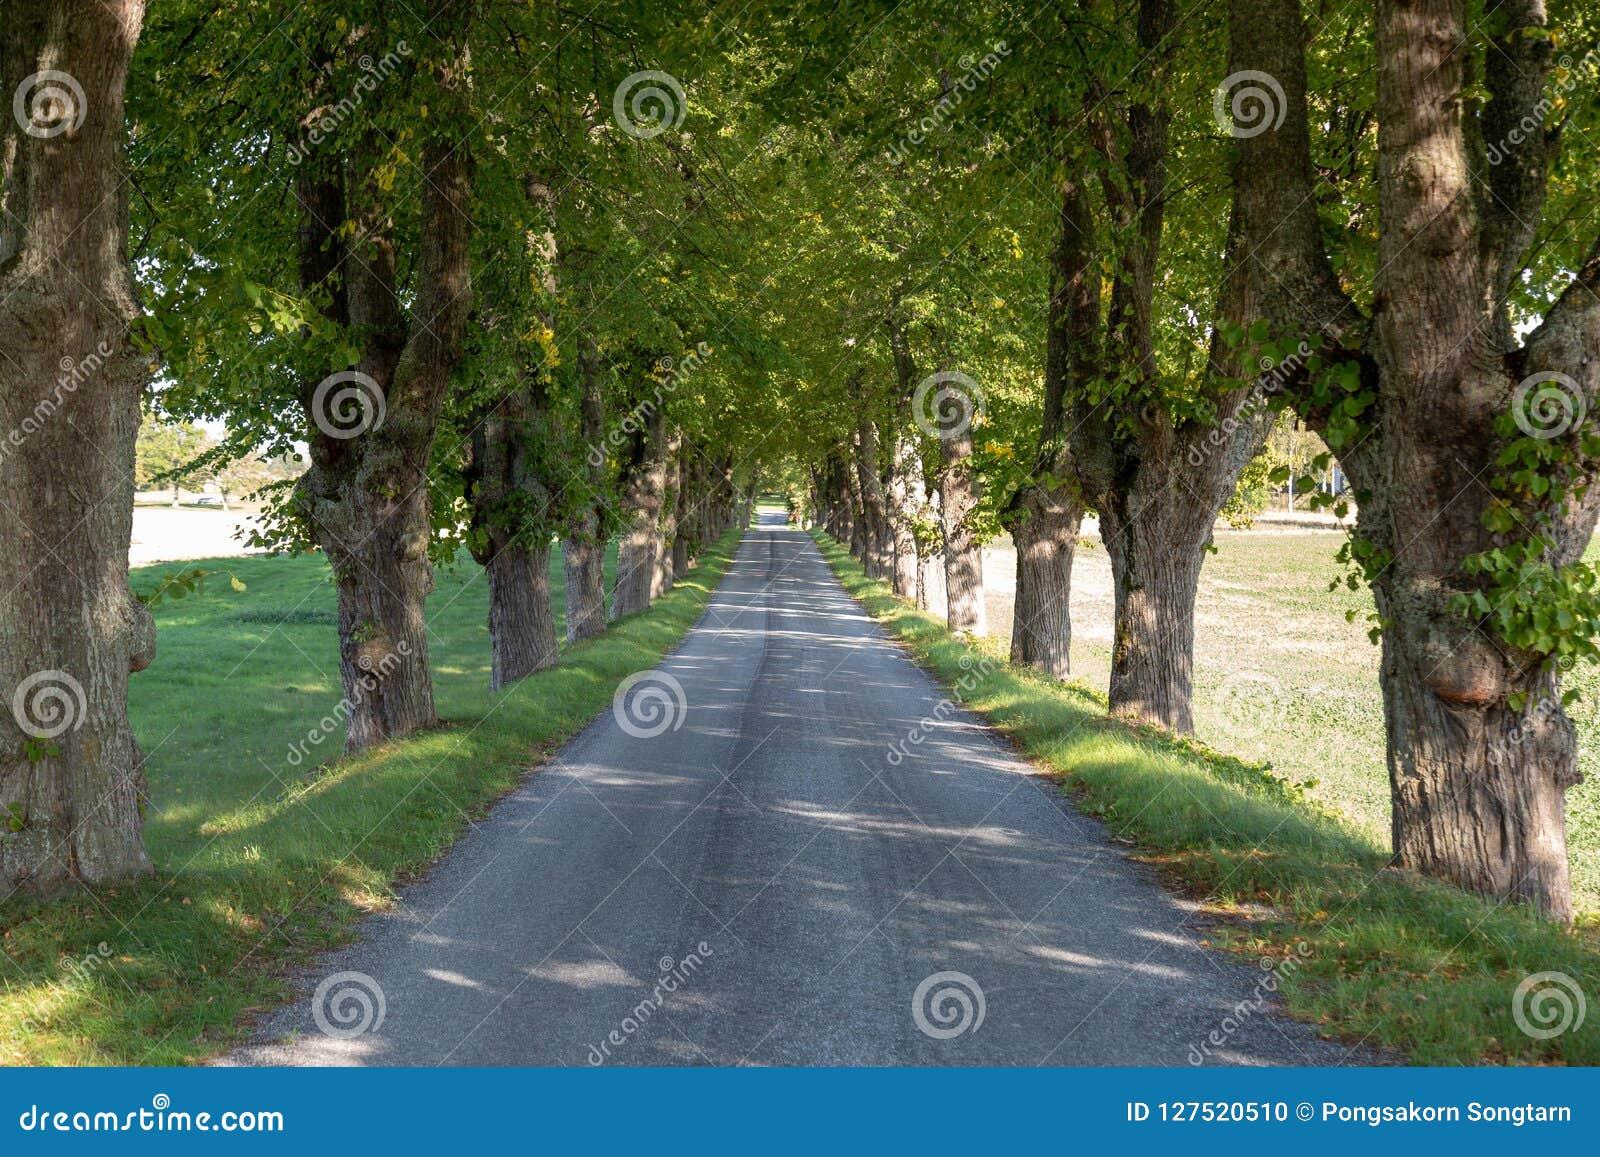 Route de campagne, arbre rayé